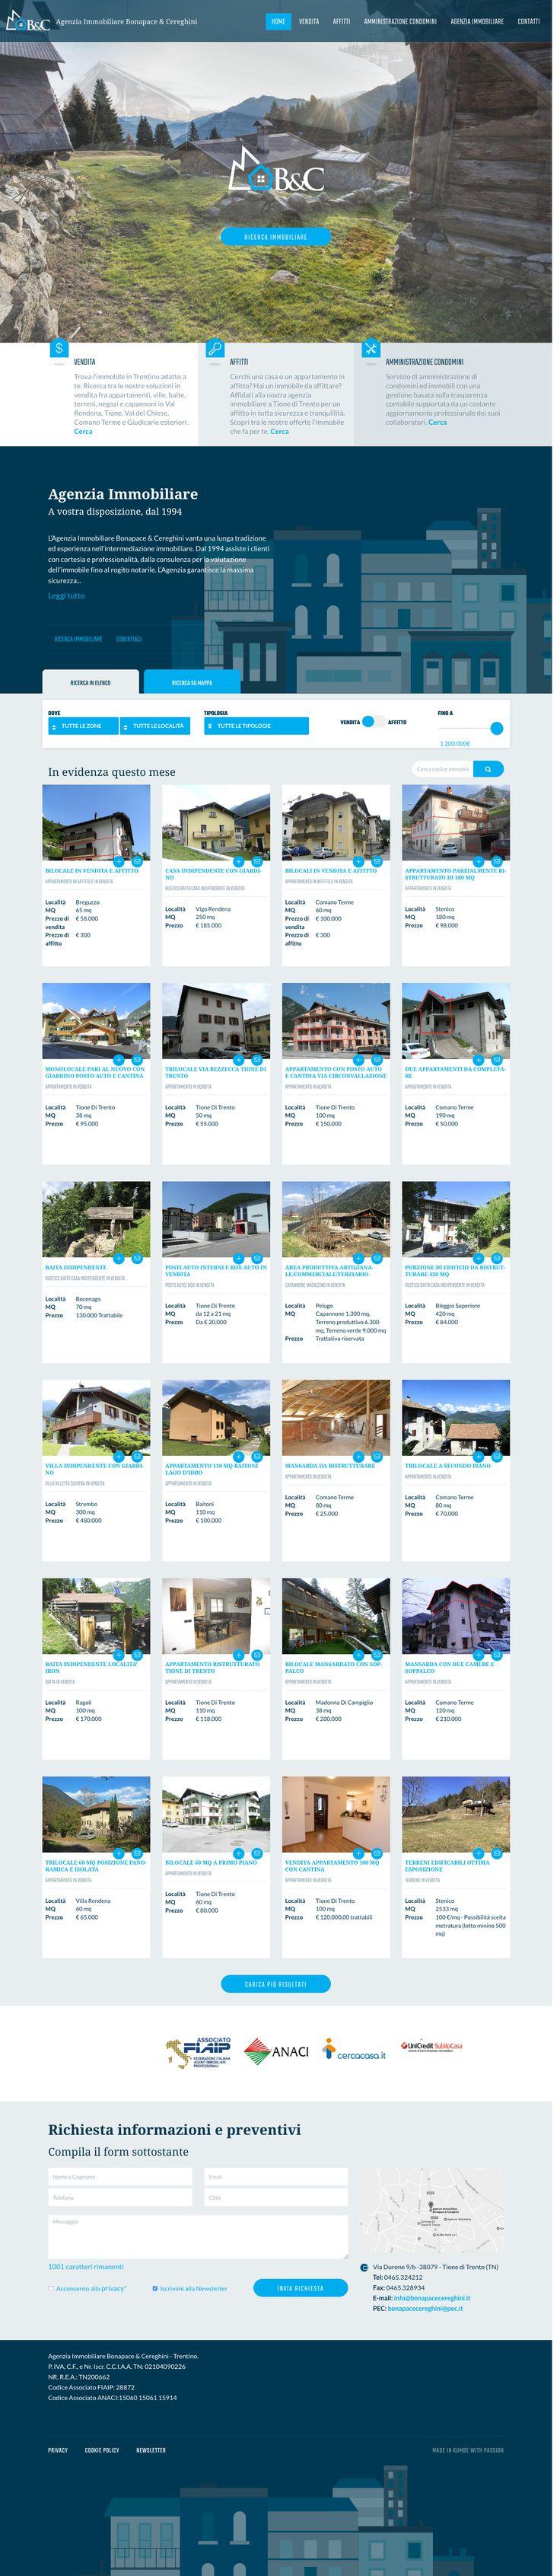 #bonapacecereghini www.bonapacecereghini.it #kumbe #webdesign #agenziaimmobiliare #appartamenti #case #home #affitto #vendita #condomini #amministrazionecondomini #associatofiaip #anaci #cercocasa #valrendena #valligiudicarie #valledelchiese #giudicarieesteriori #comano #tioneditrento #pinzolo #madonnadicampiglio #dolomitidibrenta #trentino